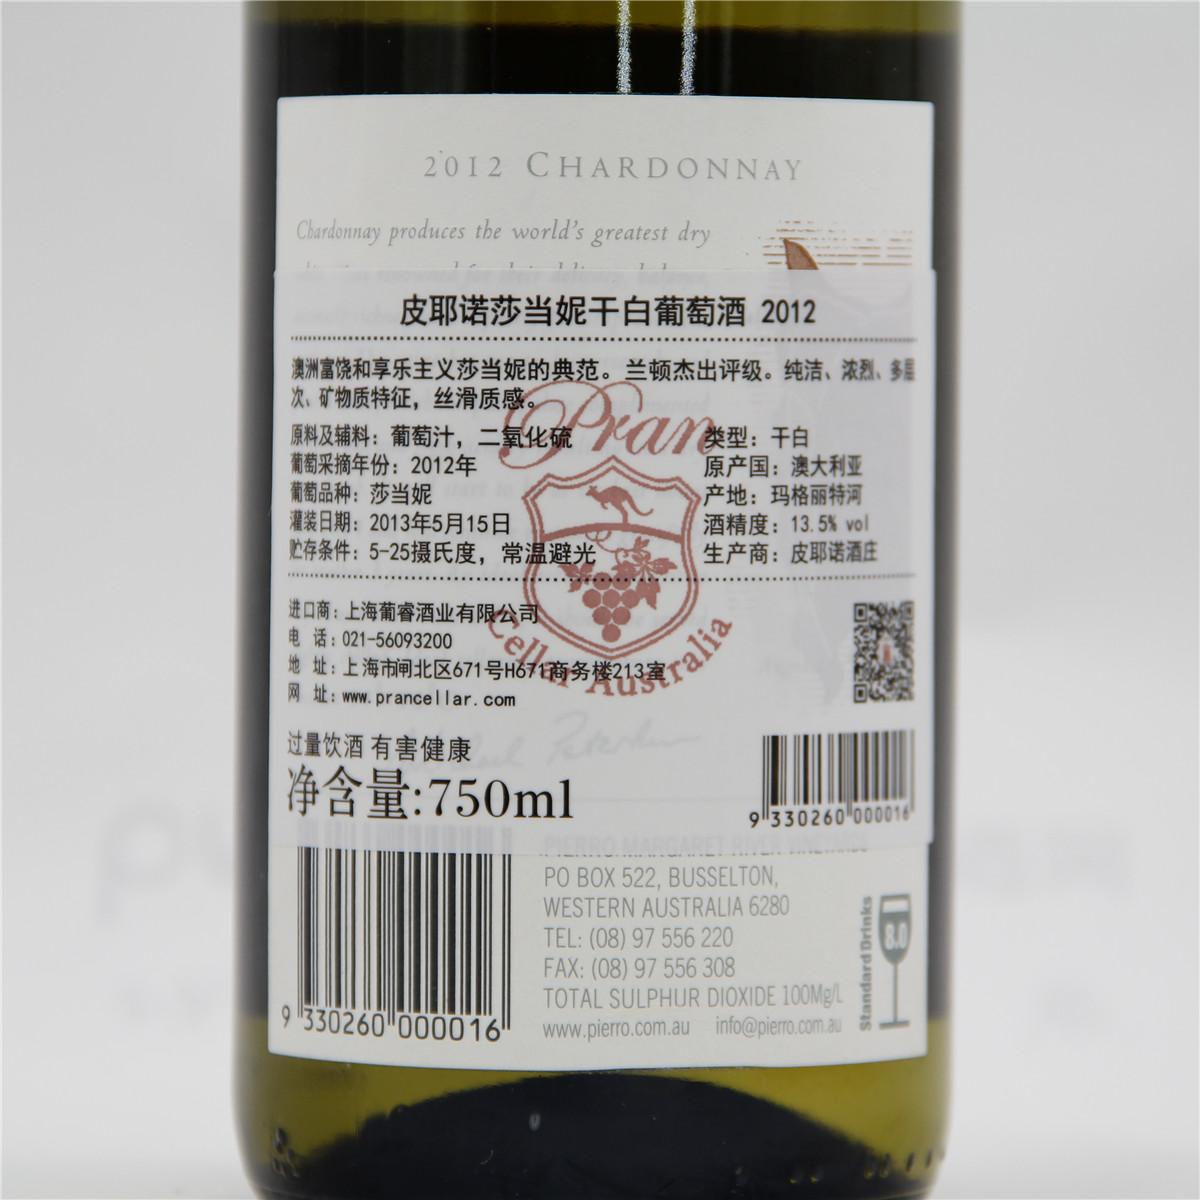 澳大利亚玛格丽特河谷皮耶诺酒庄莎当妮红五星酒庄干白葡萄酒